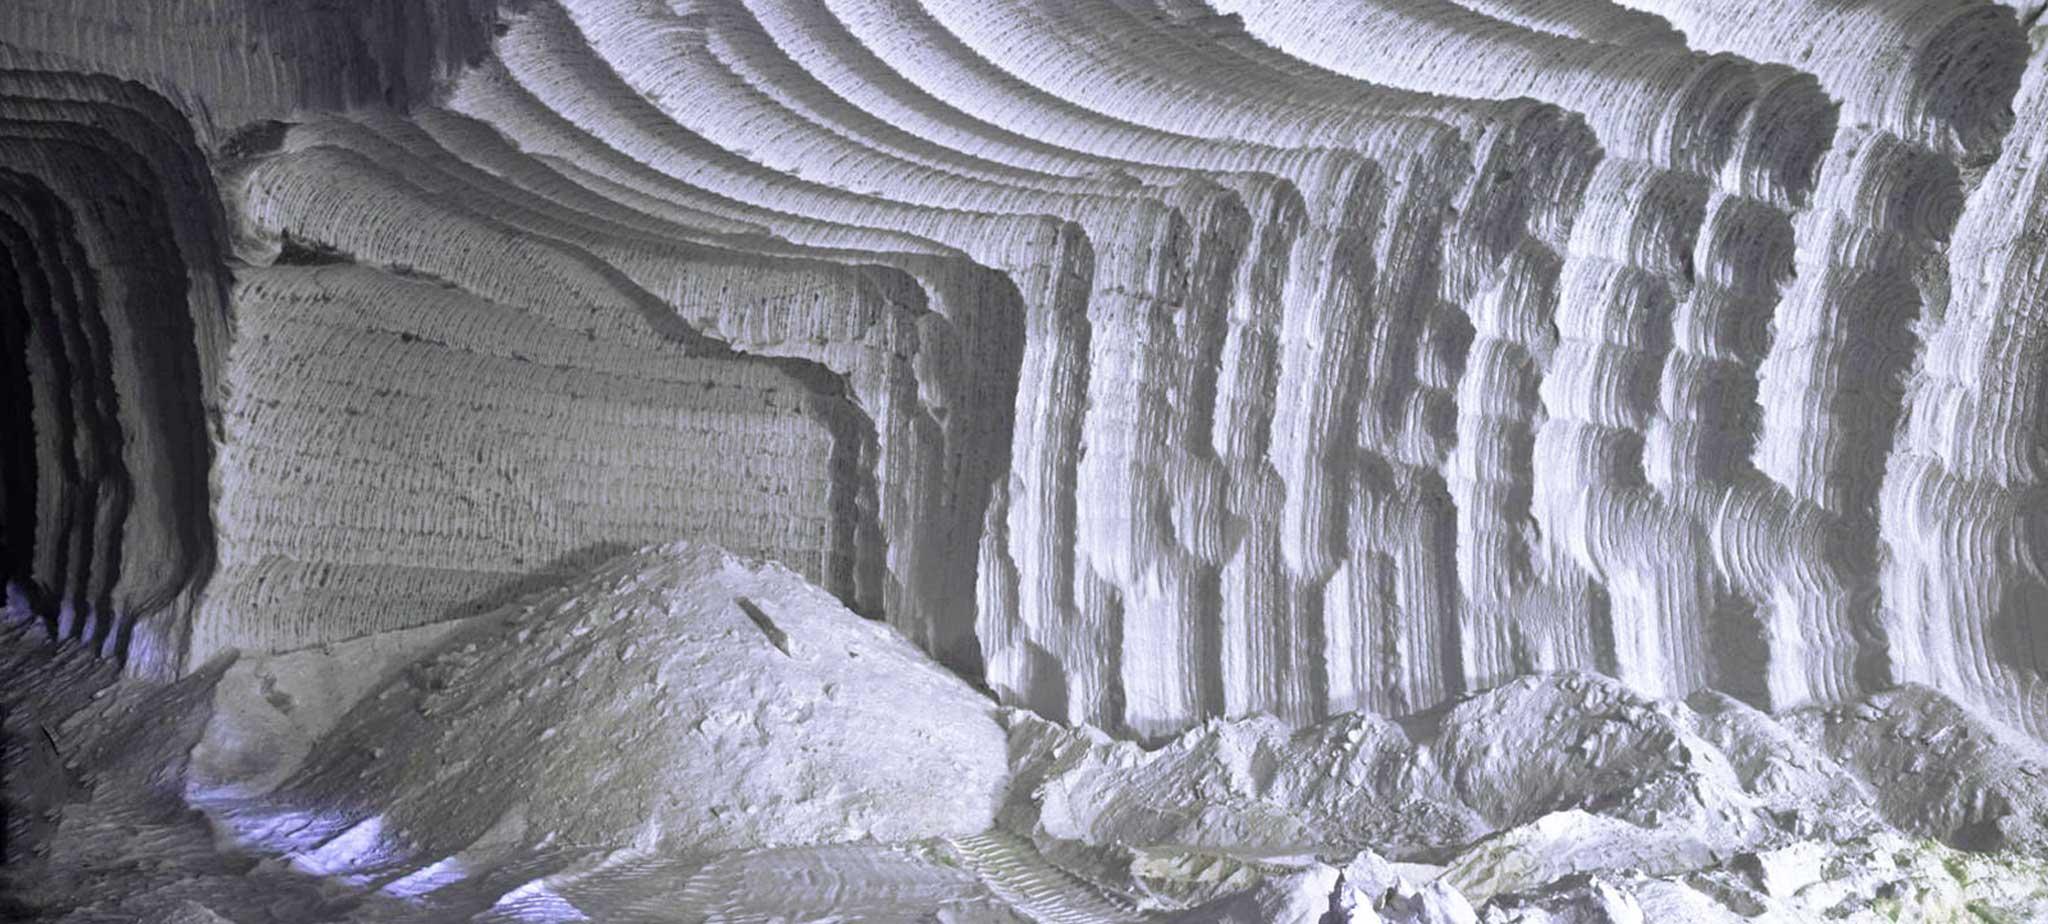 La Regione siciliana apre due miniere di salgemma. E lo zolfo? E i sali potassici?